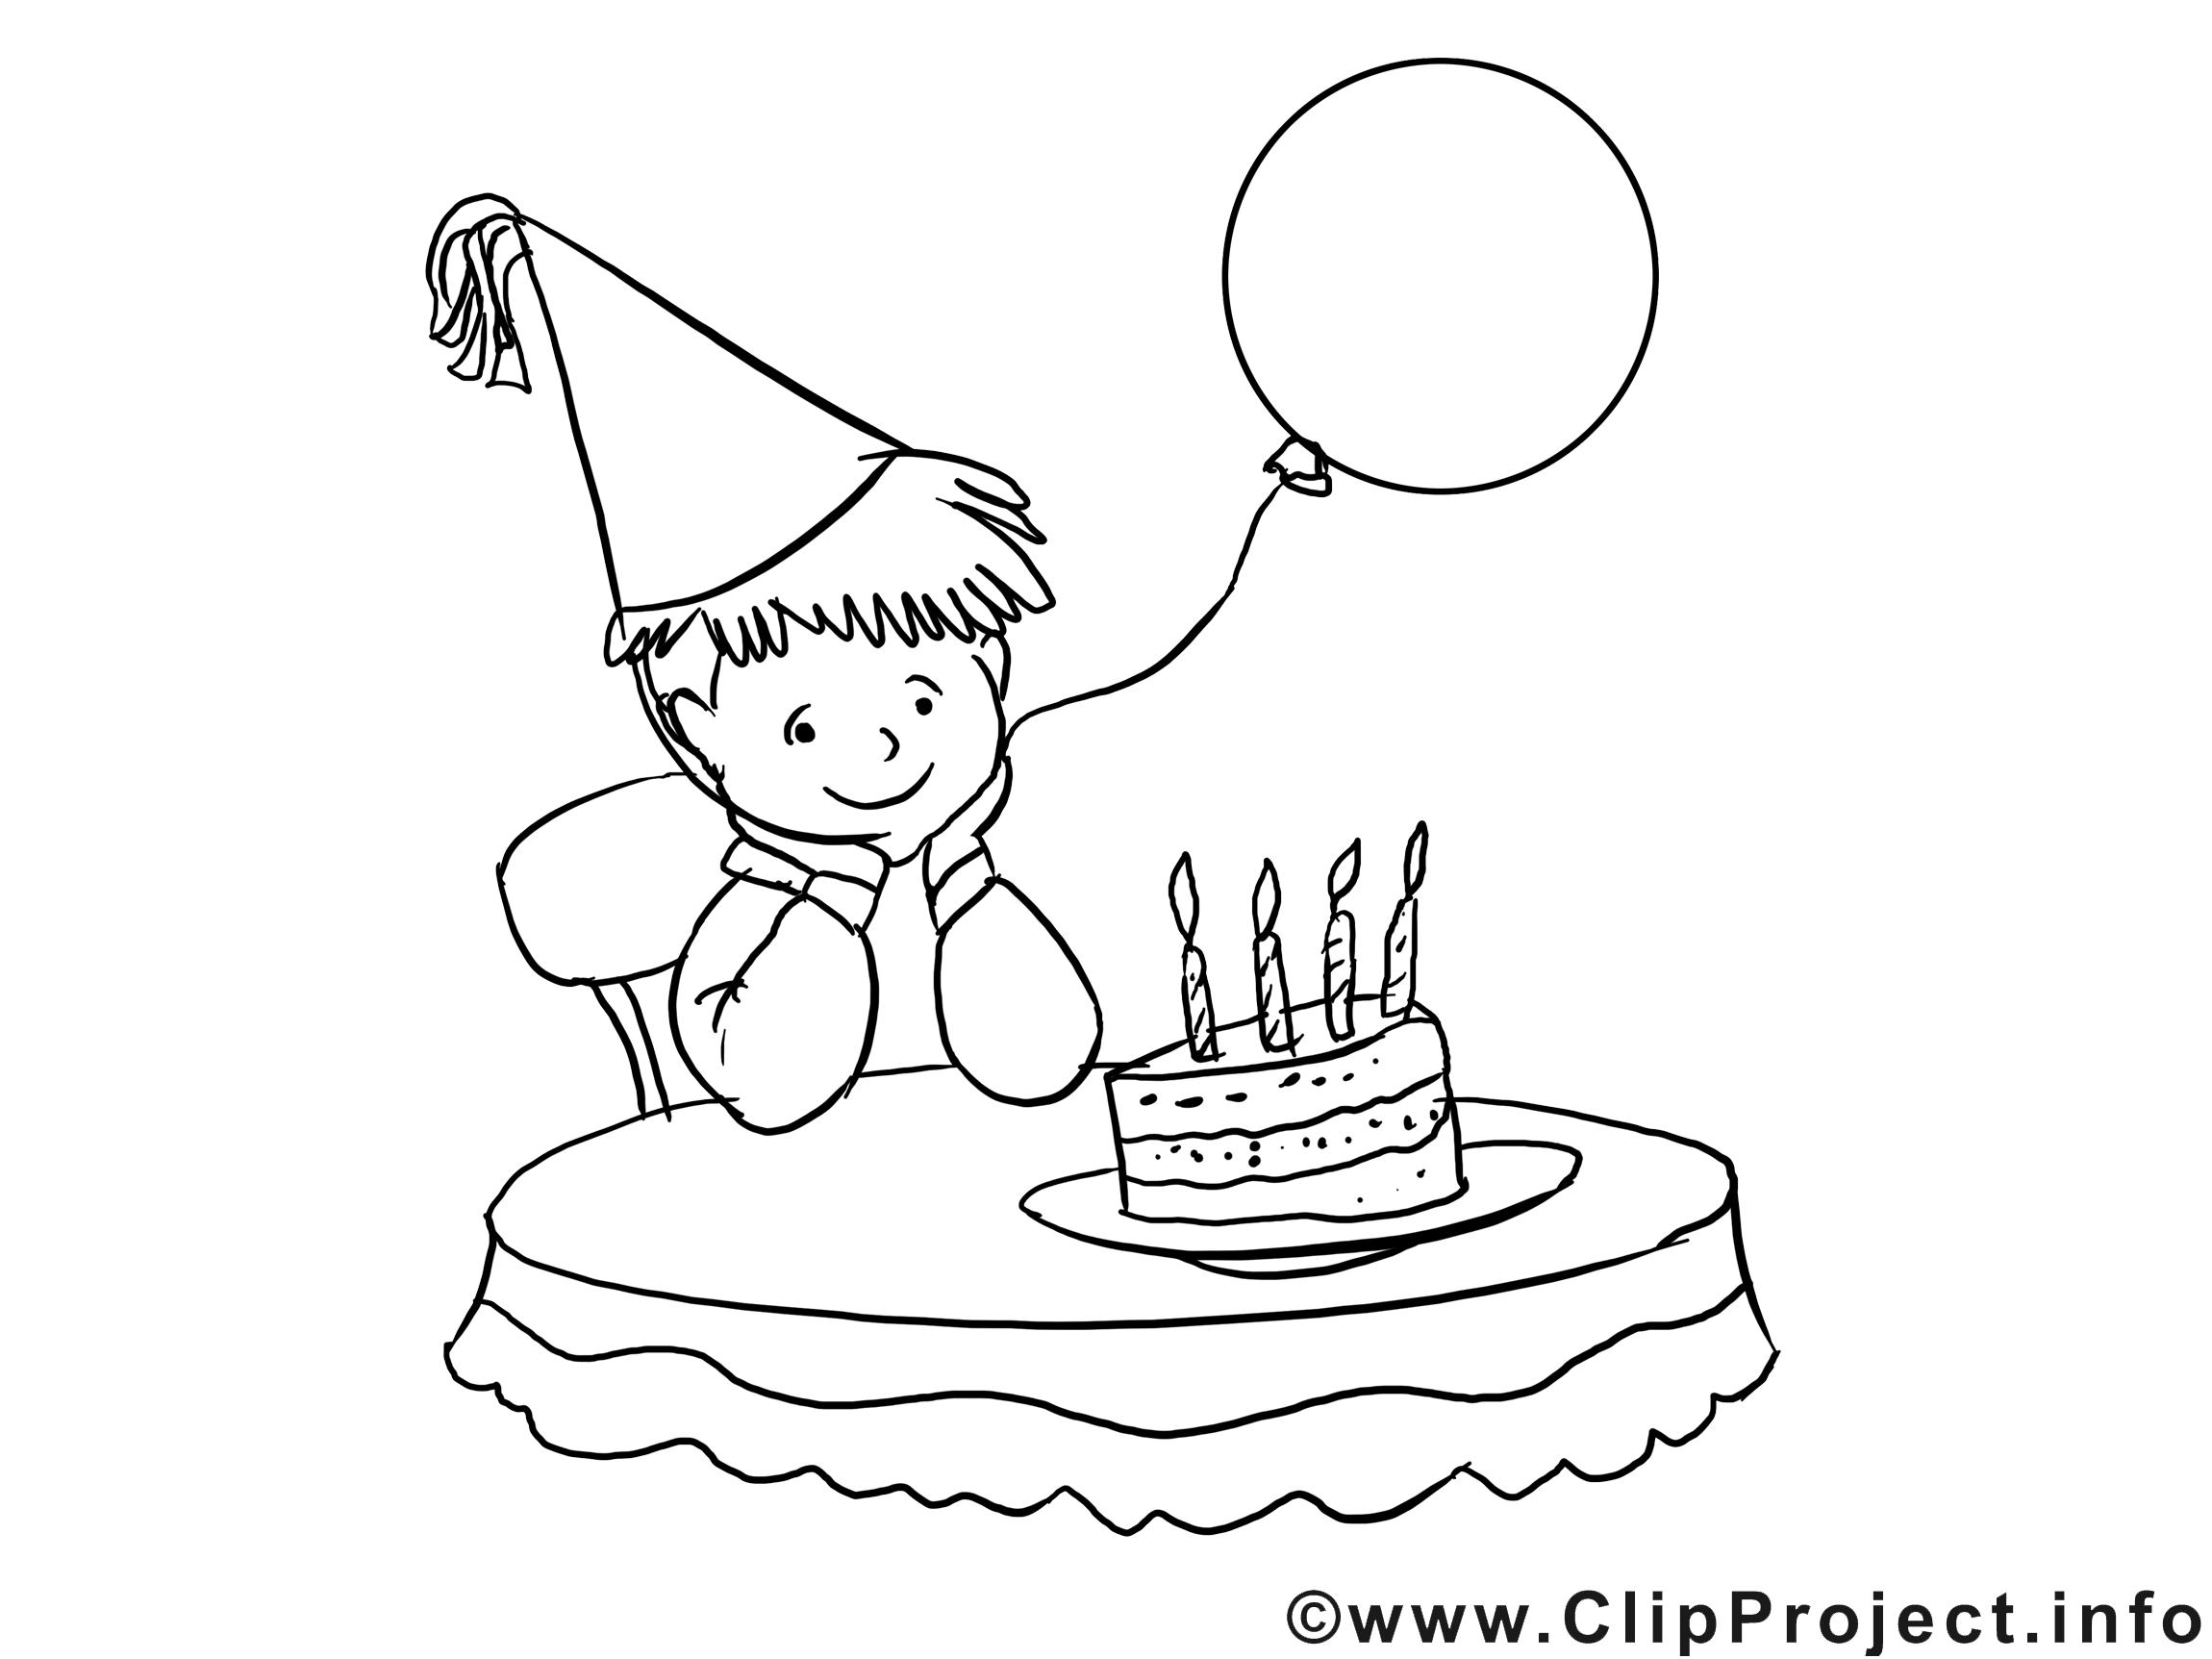 Malvorlage Geburtstag   Happy Birthsday coloring   Pinterest ...